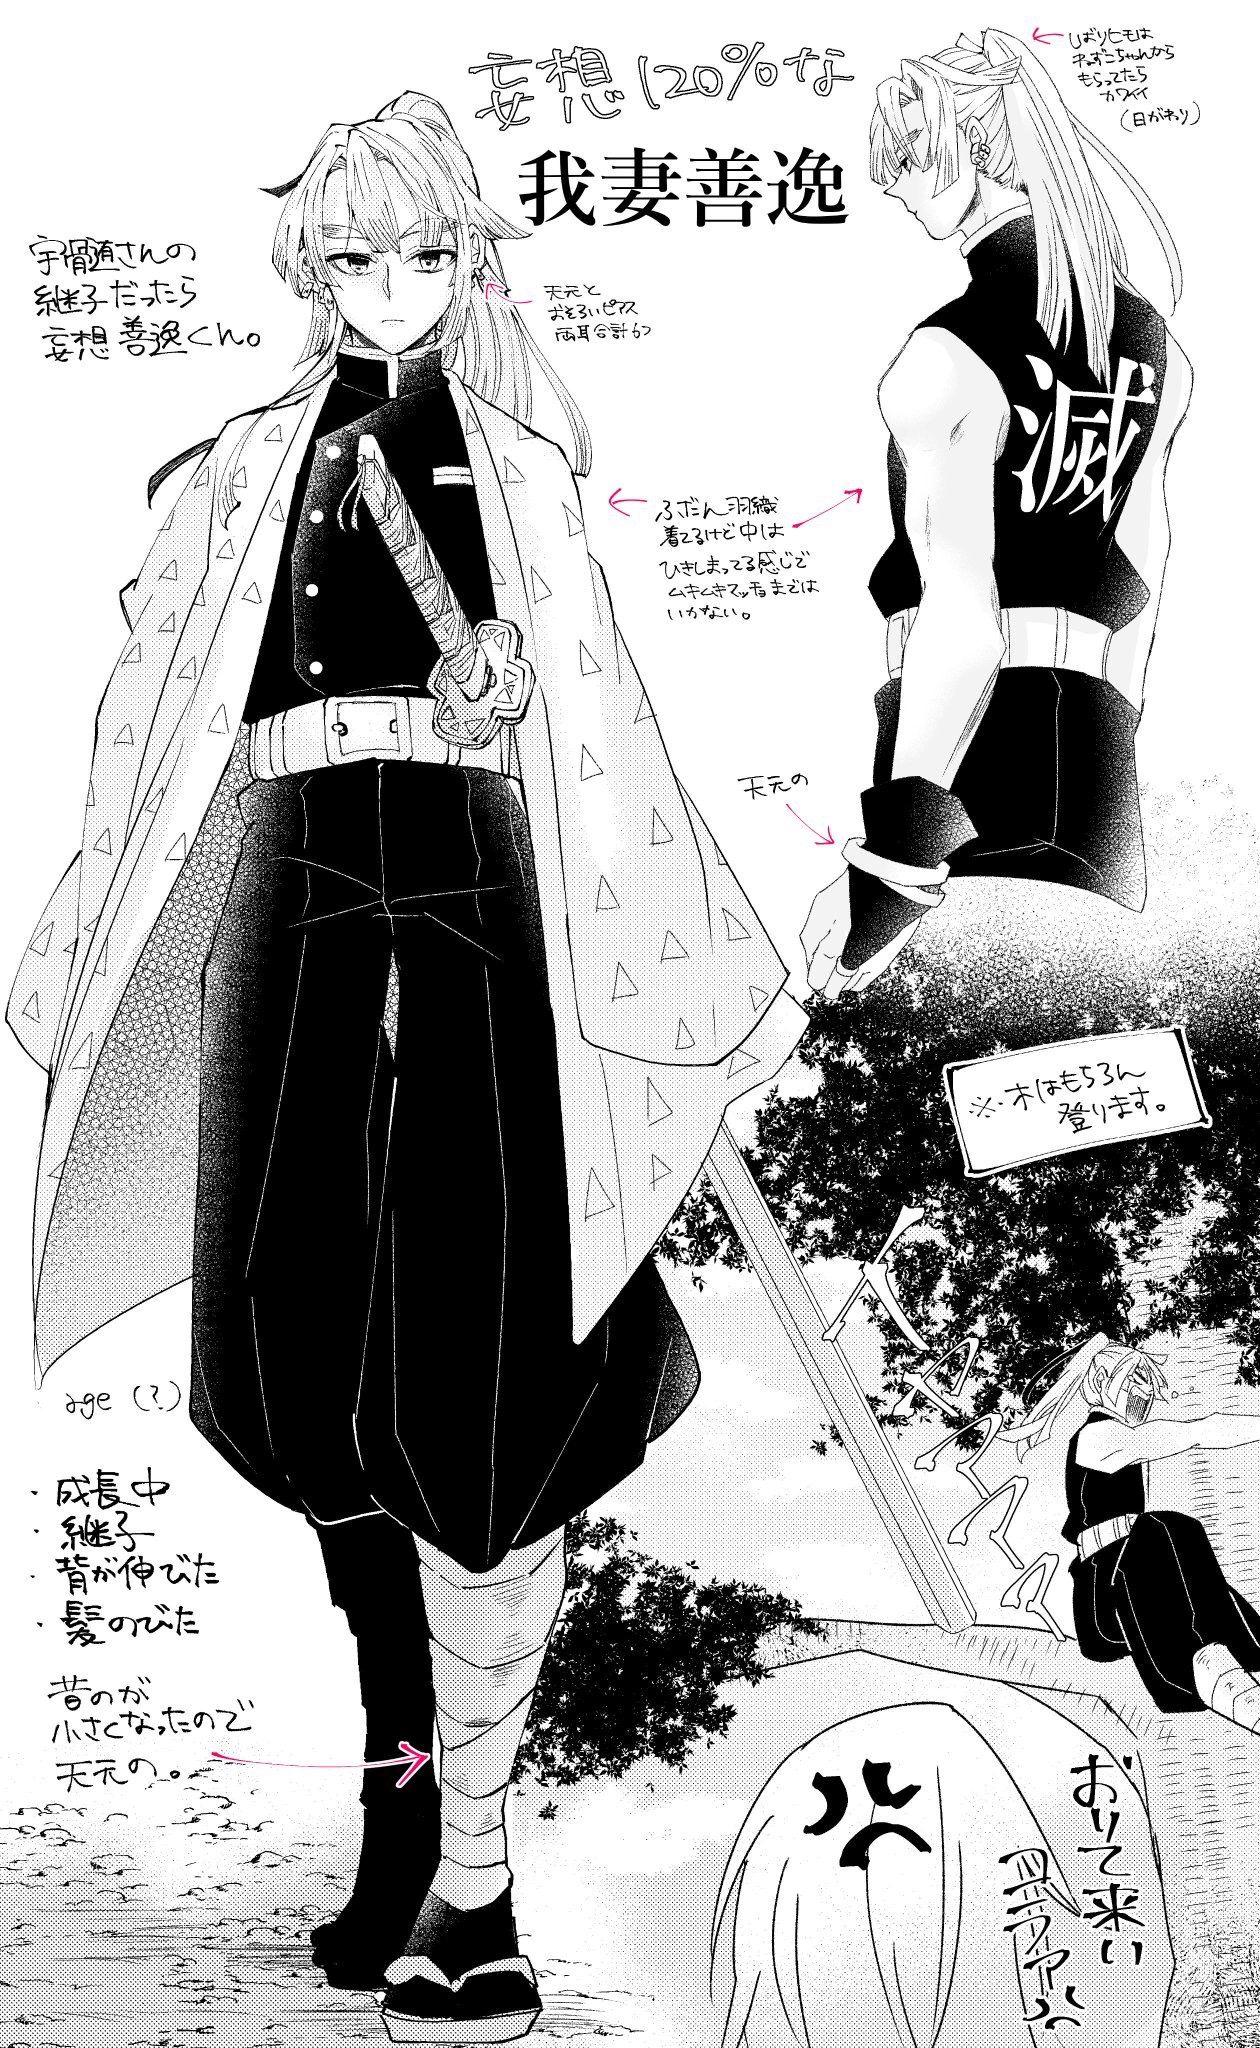 pin by ekaterina chiresh on 鬼滅の刃 anime demon slayer anime anime guys